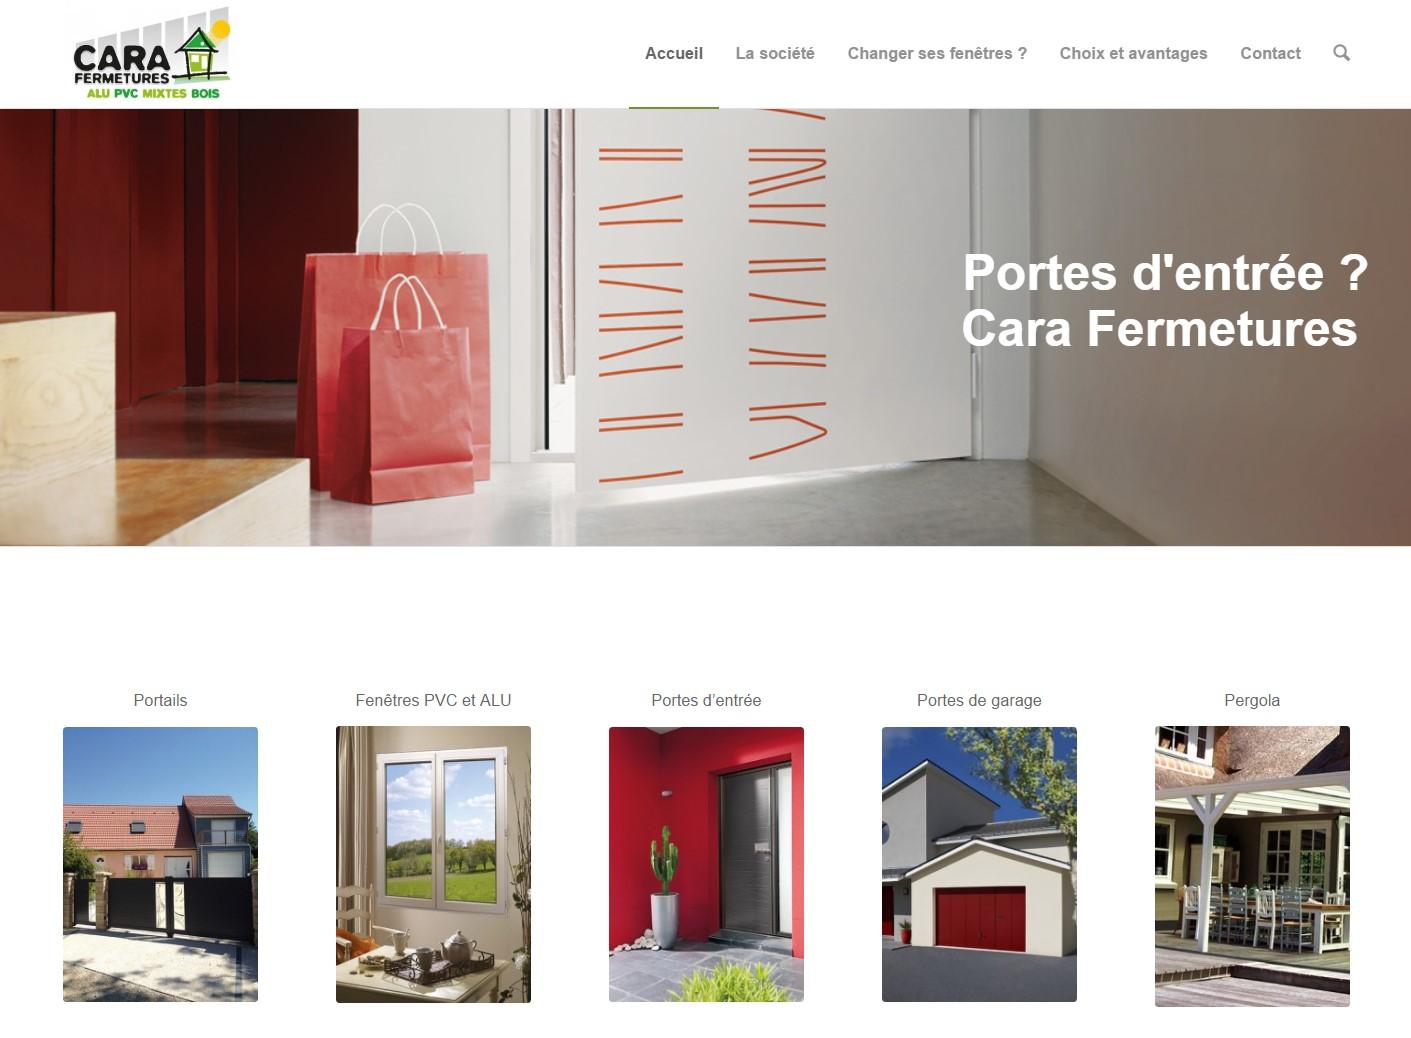 Cara Fermetures, spécialiste en vente et pose de portes et fenêtres